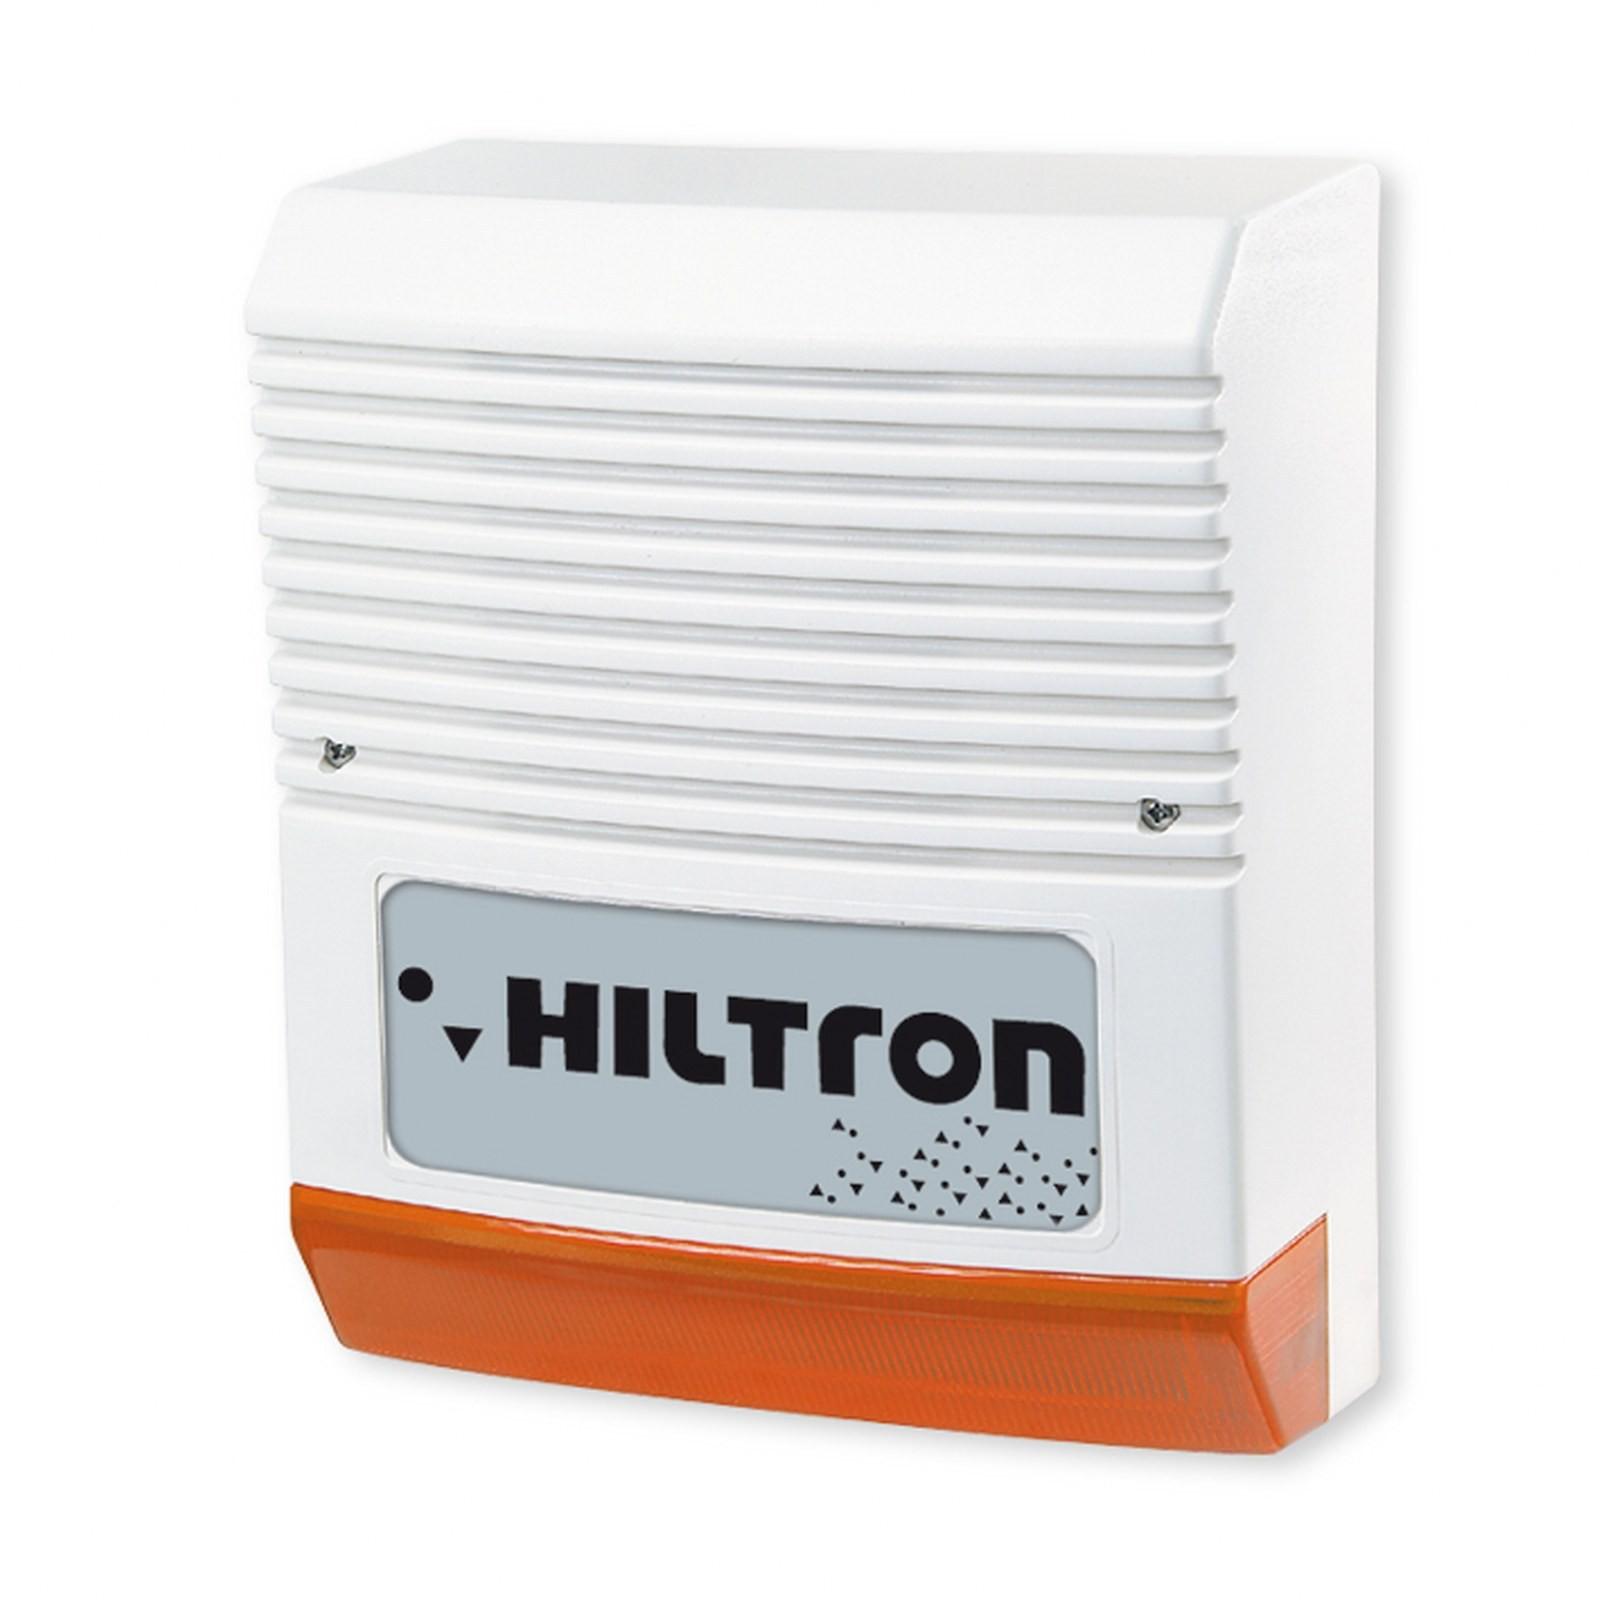 Antifurto allarme casa kit wireless senza fili hiltron - Consiglio allarme casa ...